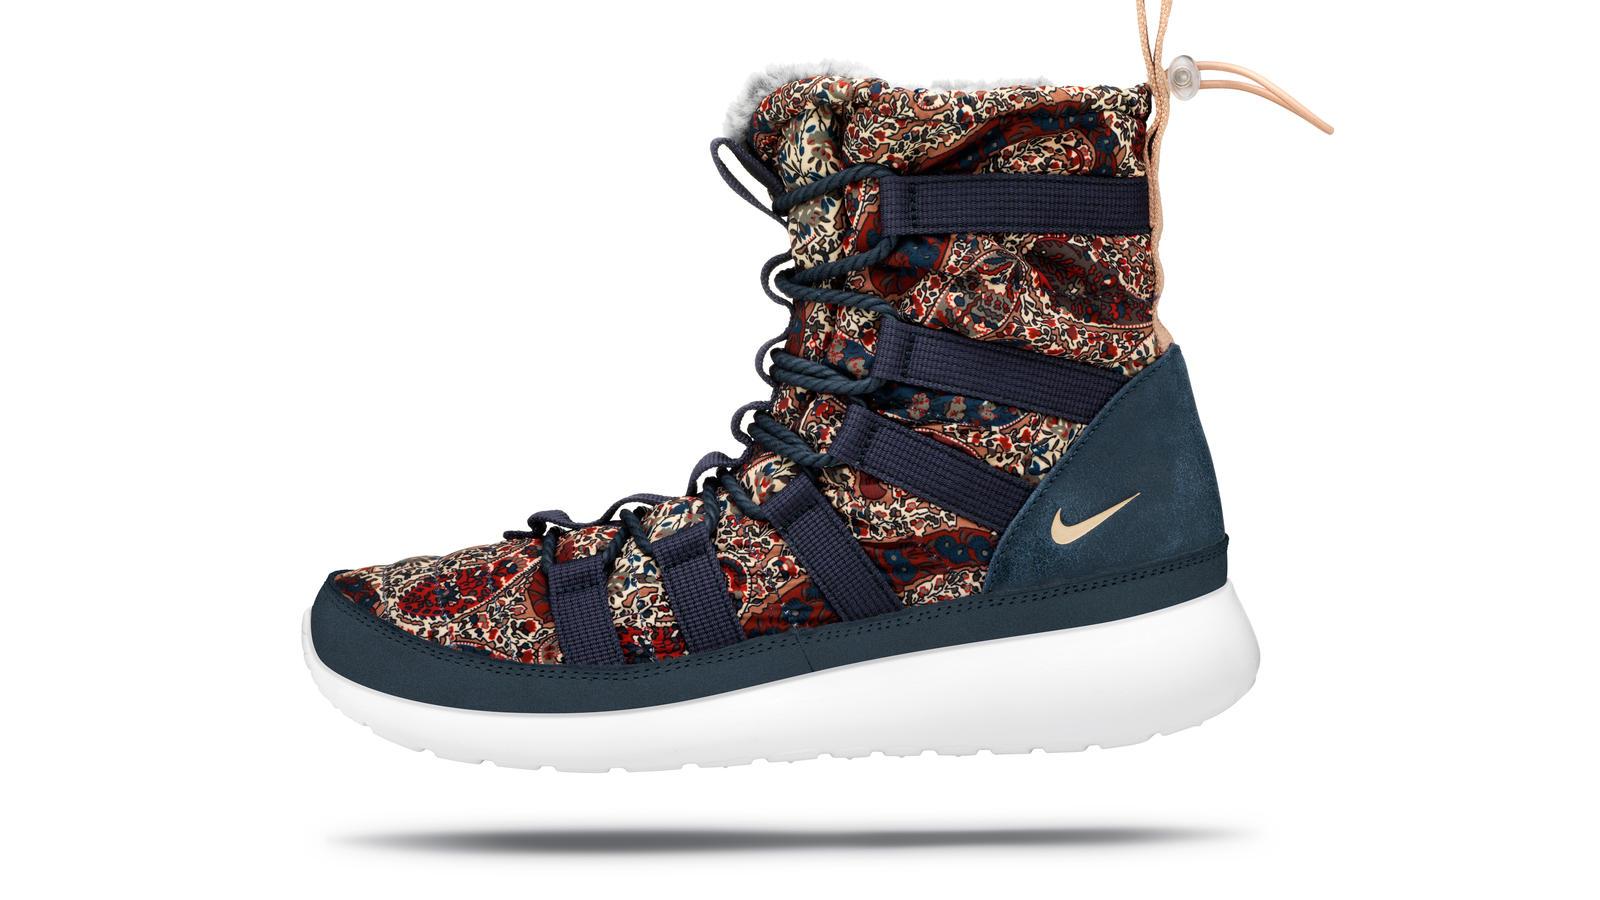 nike_roshe_run_hi_sneakerboot_08